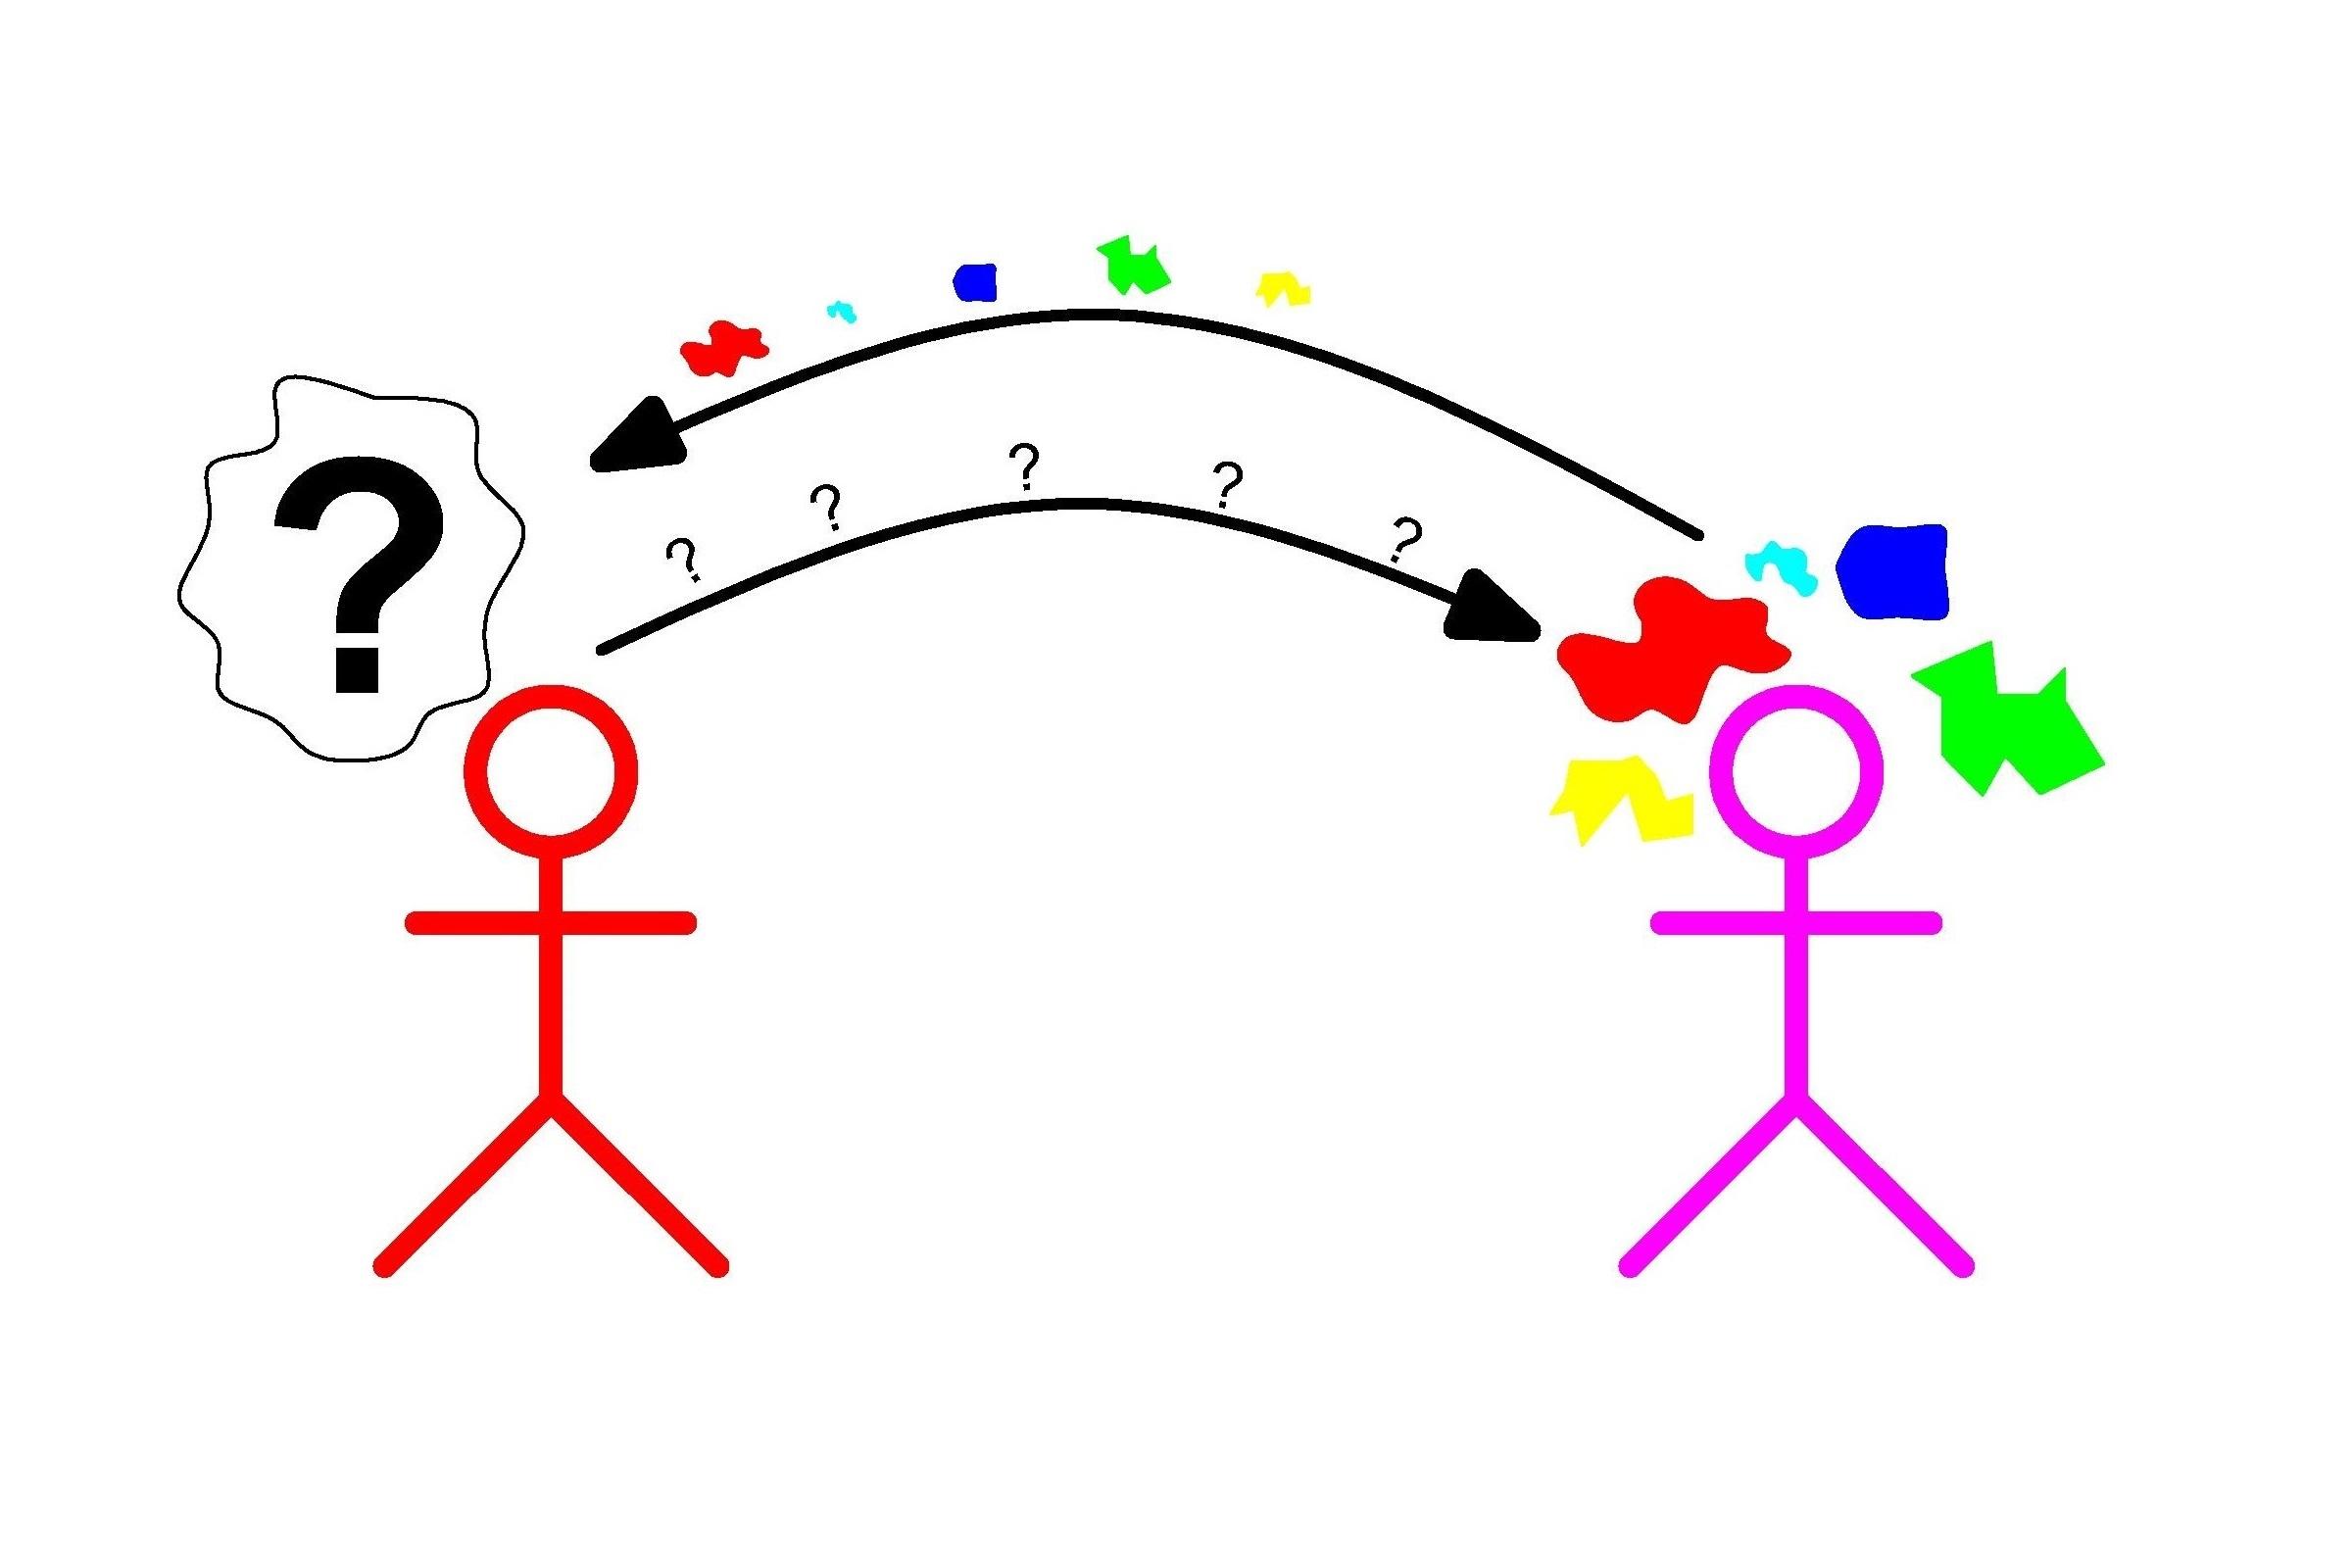 обучение телепатии и экстрасенорике